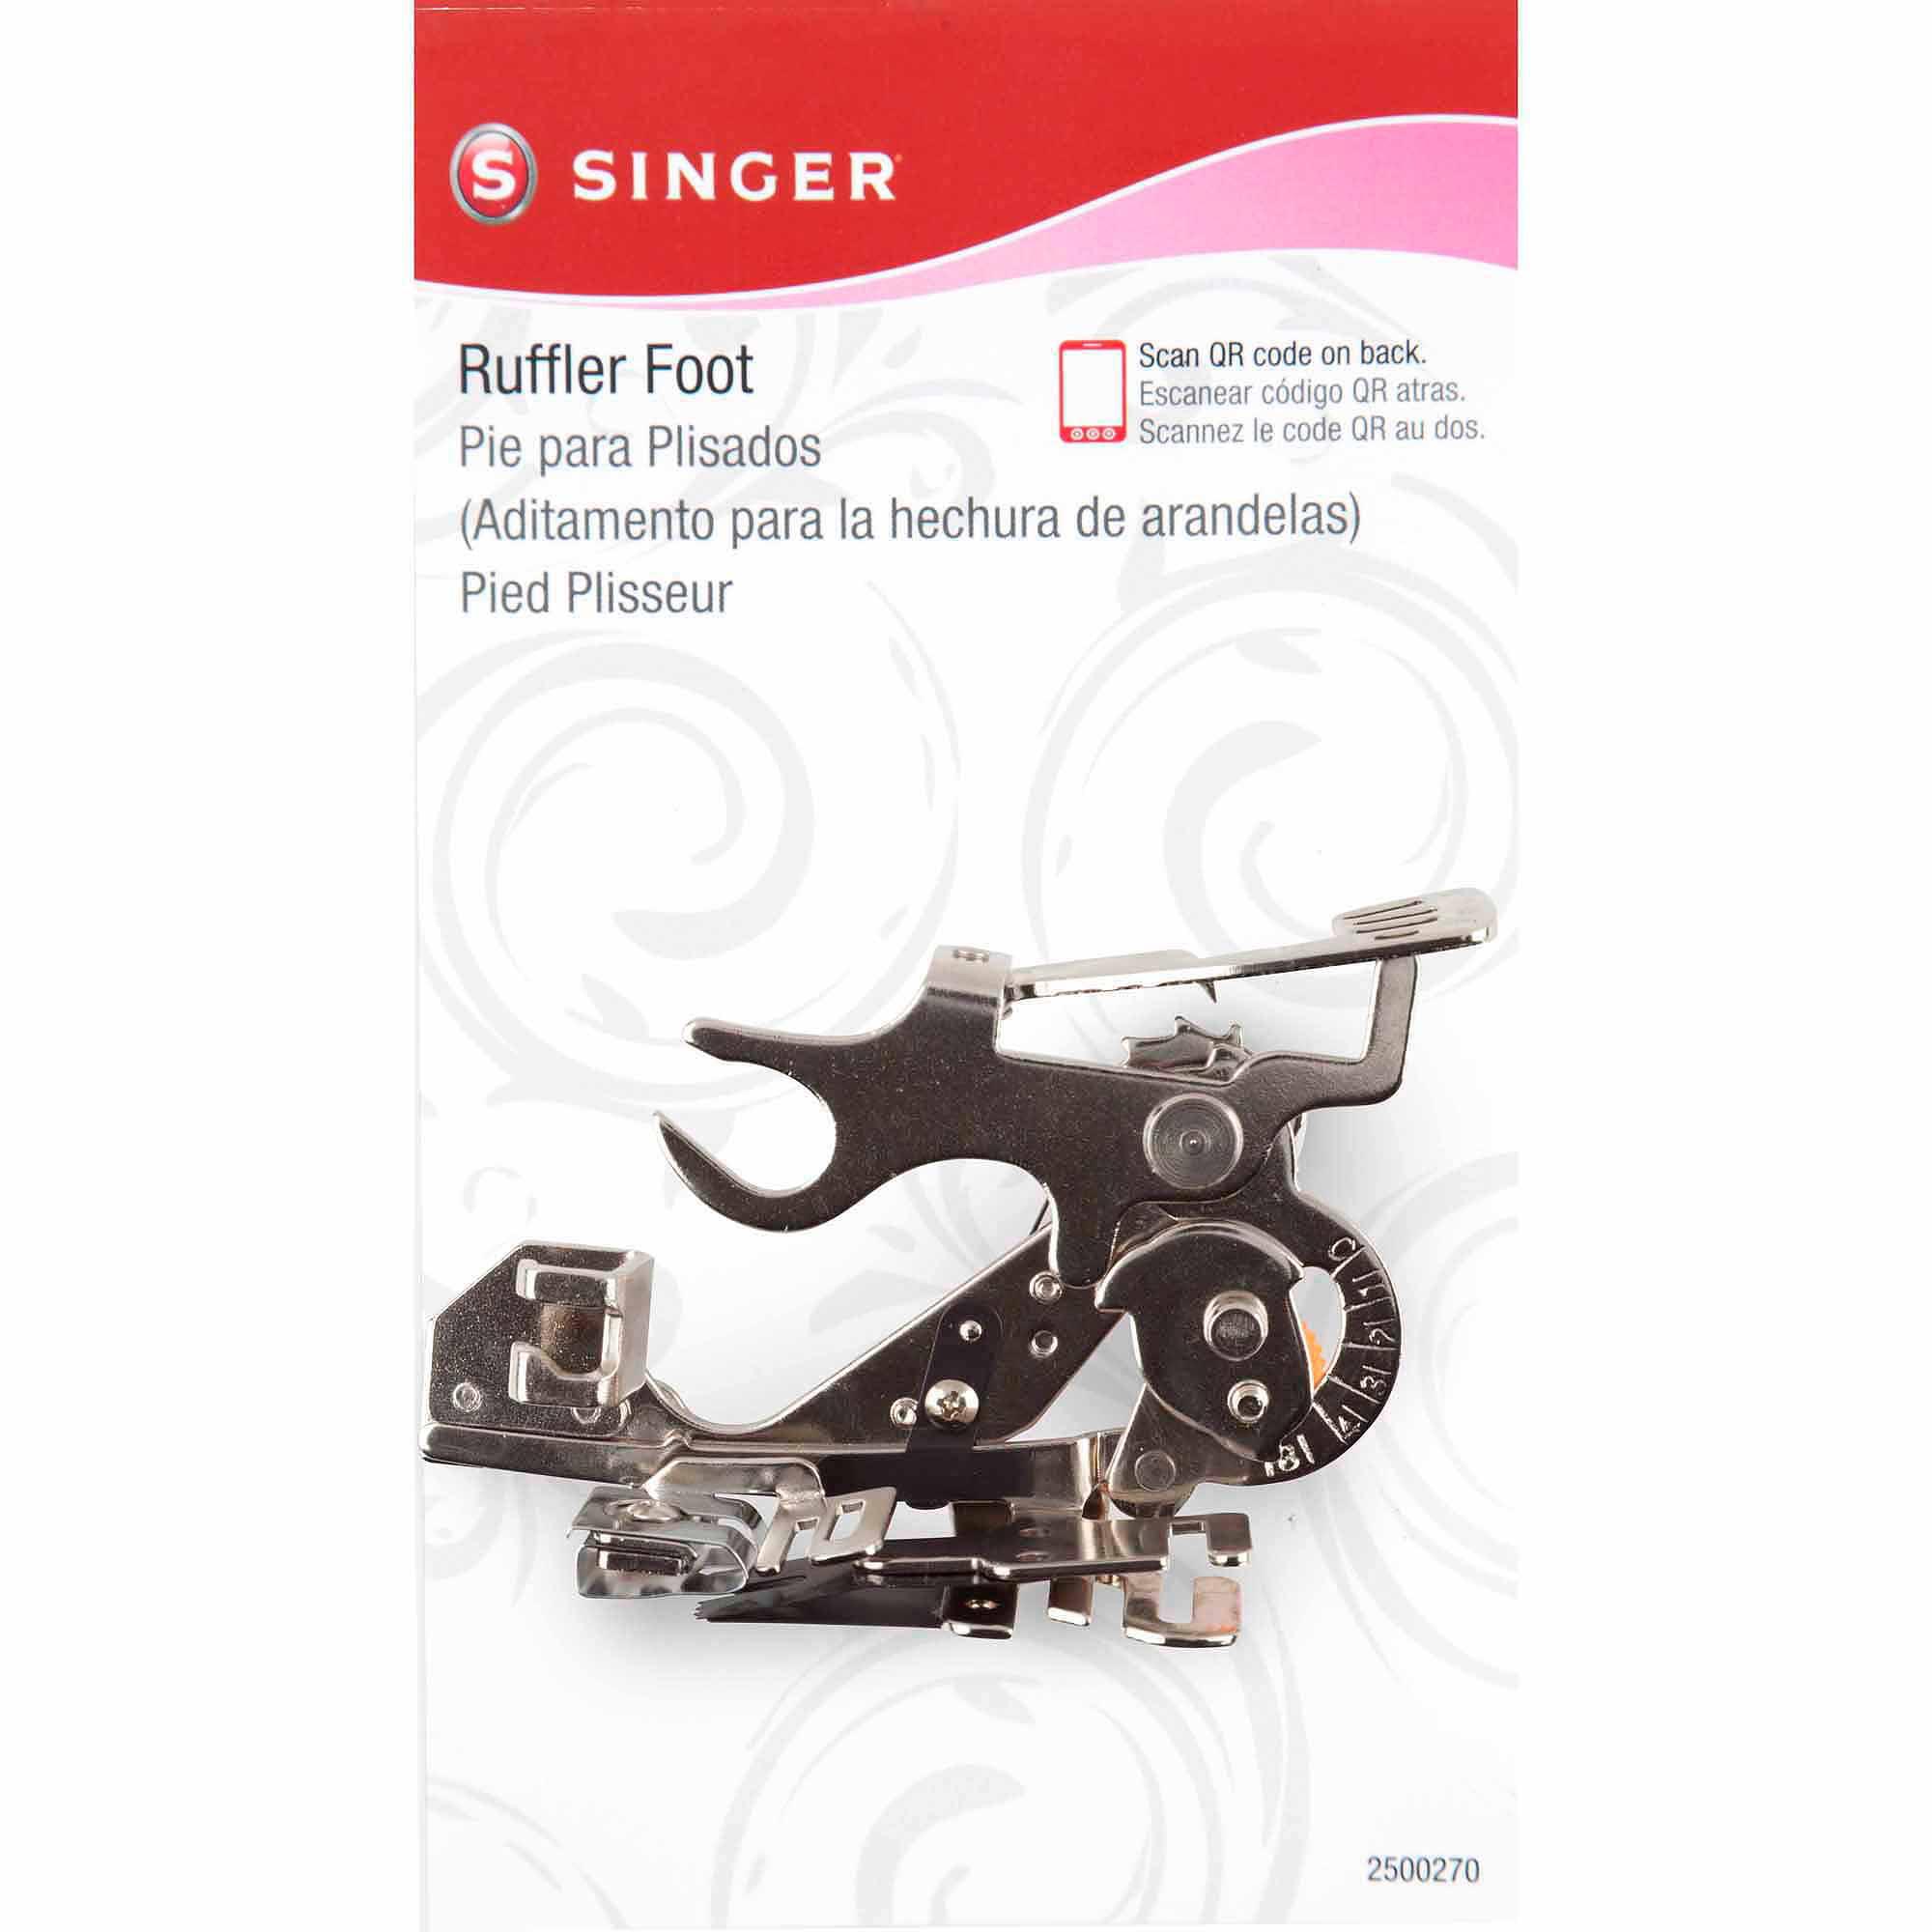 Singer Ruffler